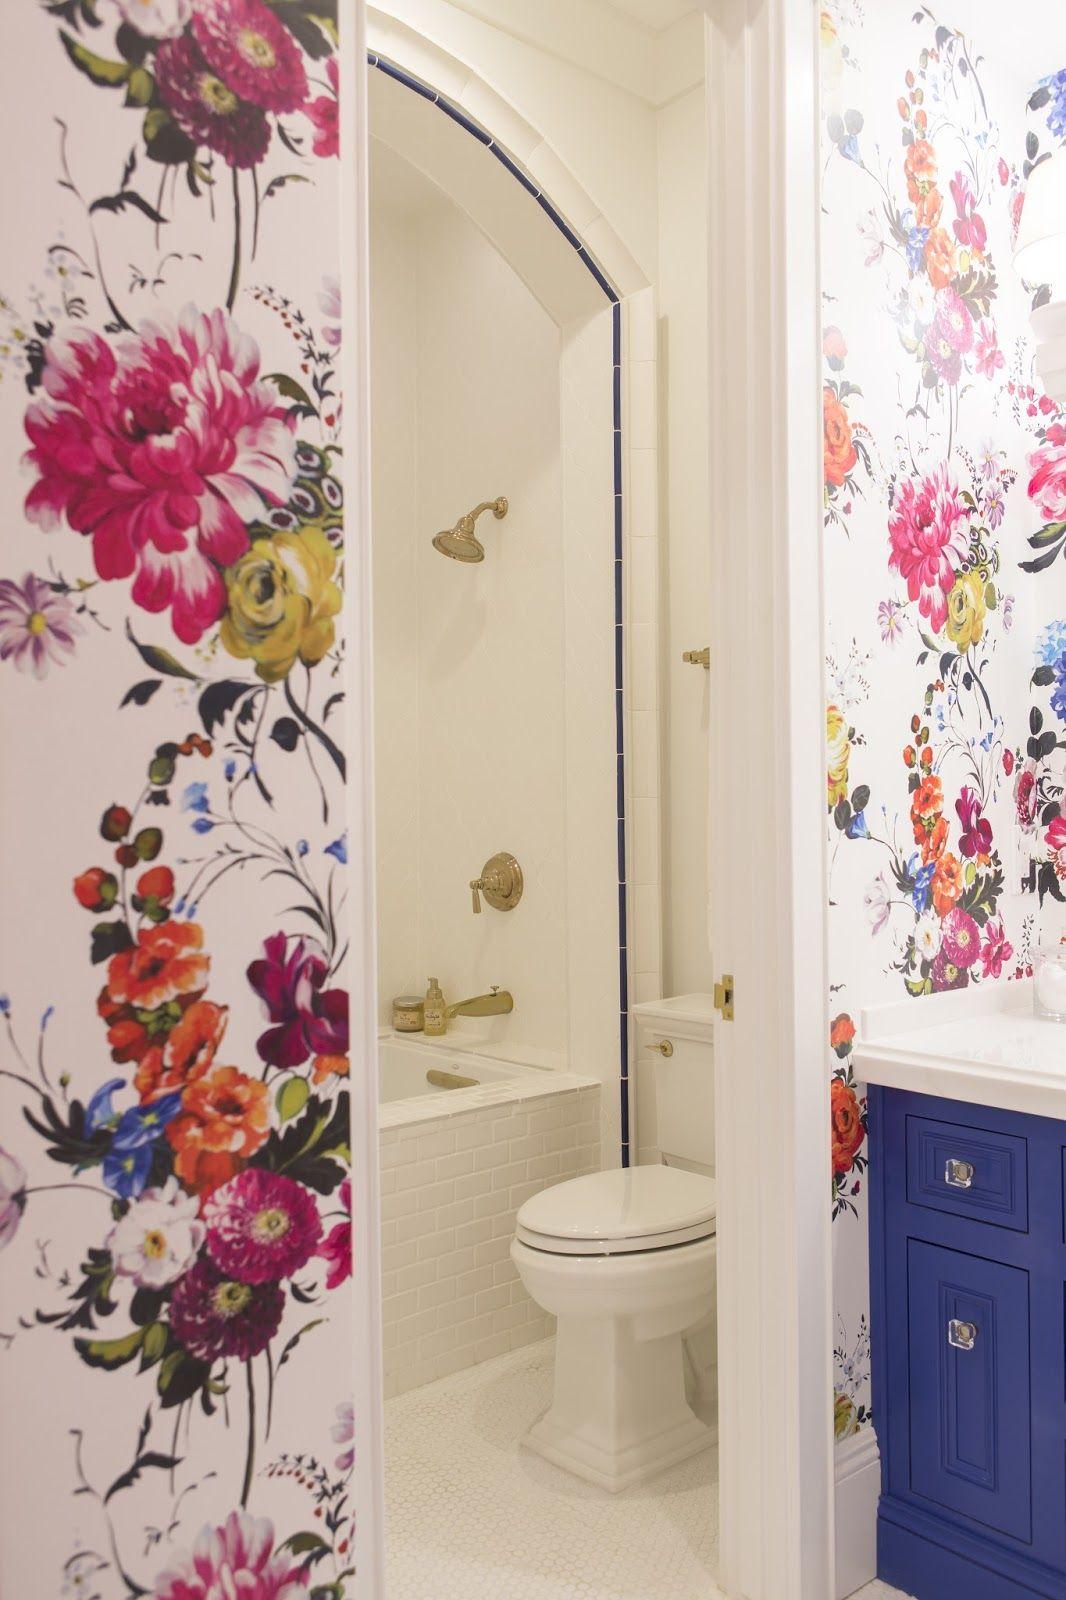 Salle De Bain Papier Peint Ou Peinture ~  pingl par jennifer burke sur joseph bathrooms pinterest papier